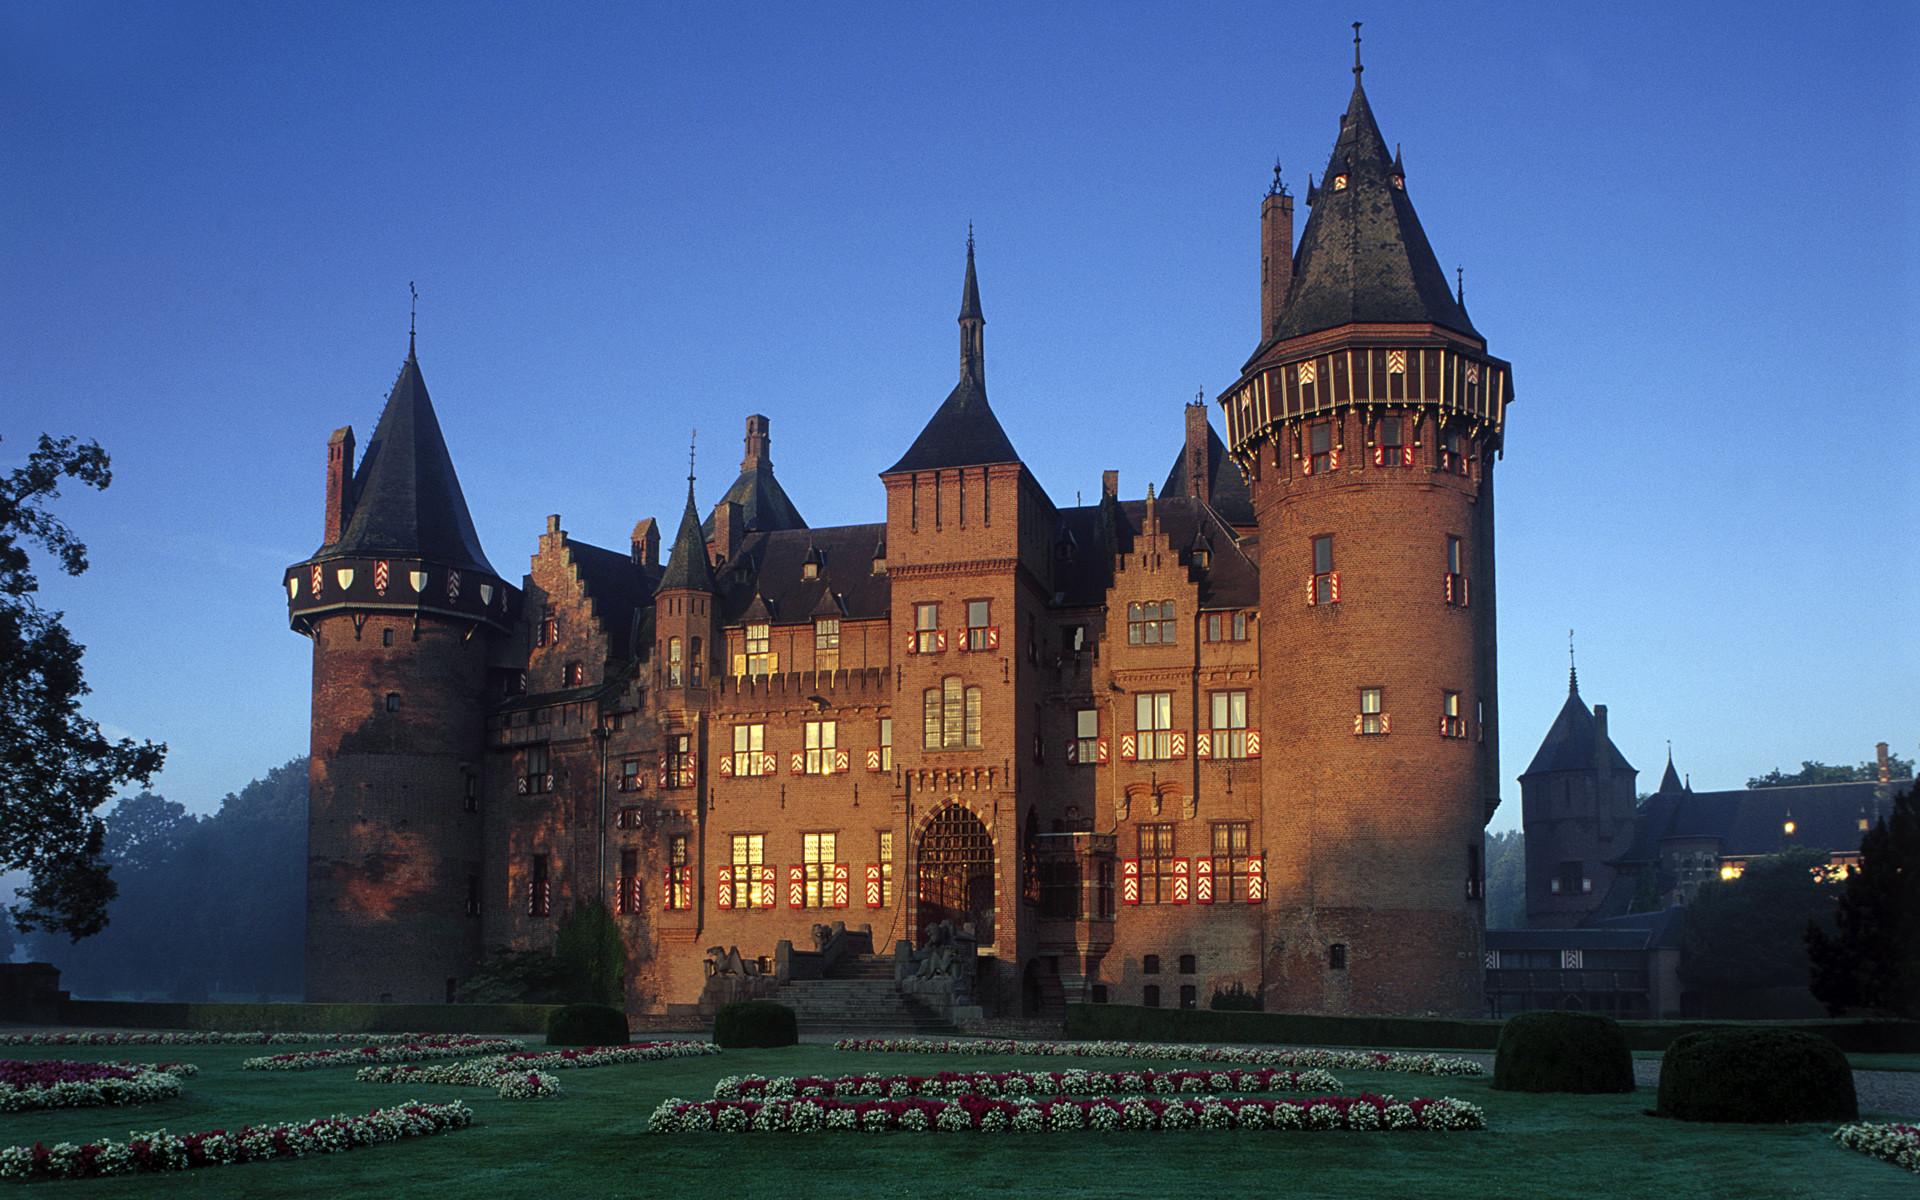 Res: 1920x1200, De Haar Castle, Netherlands